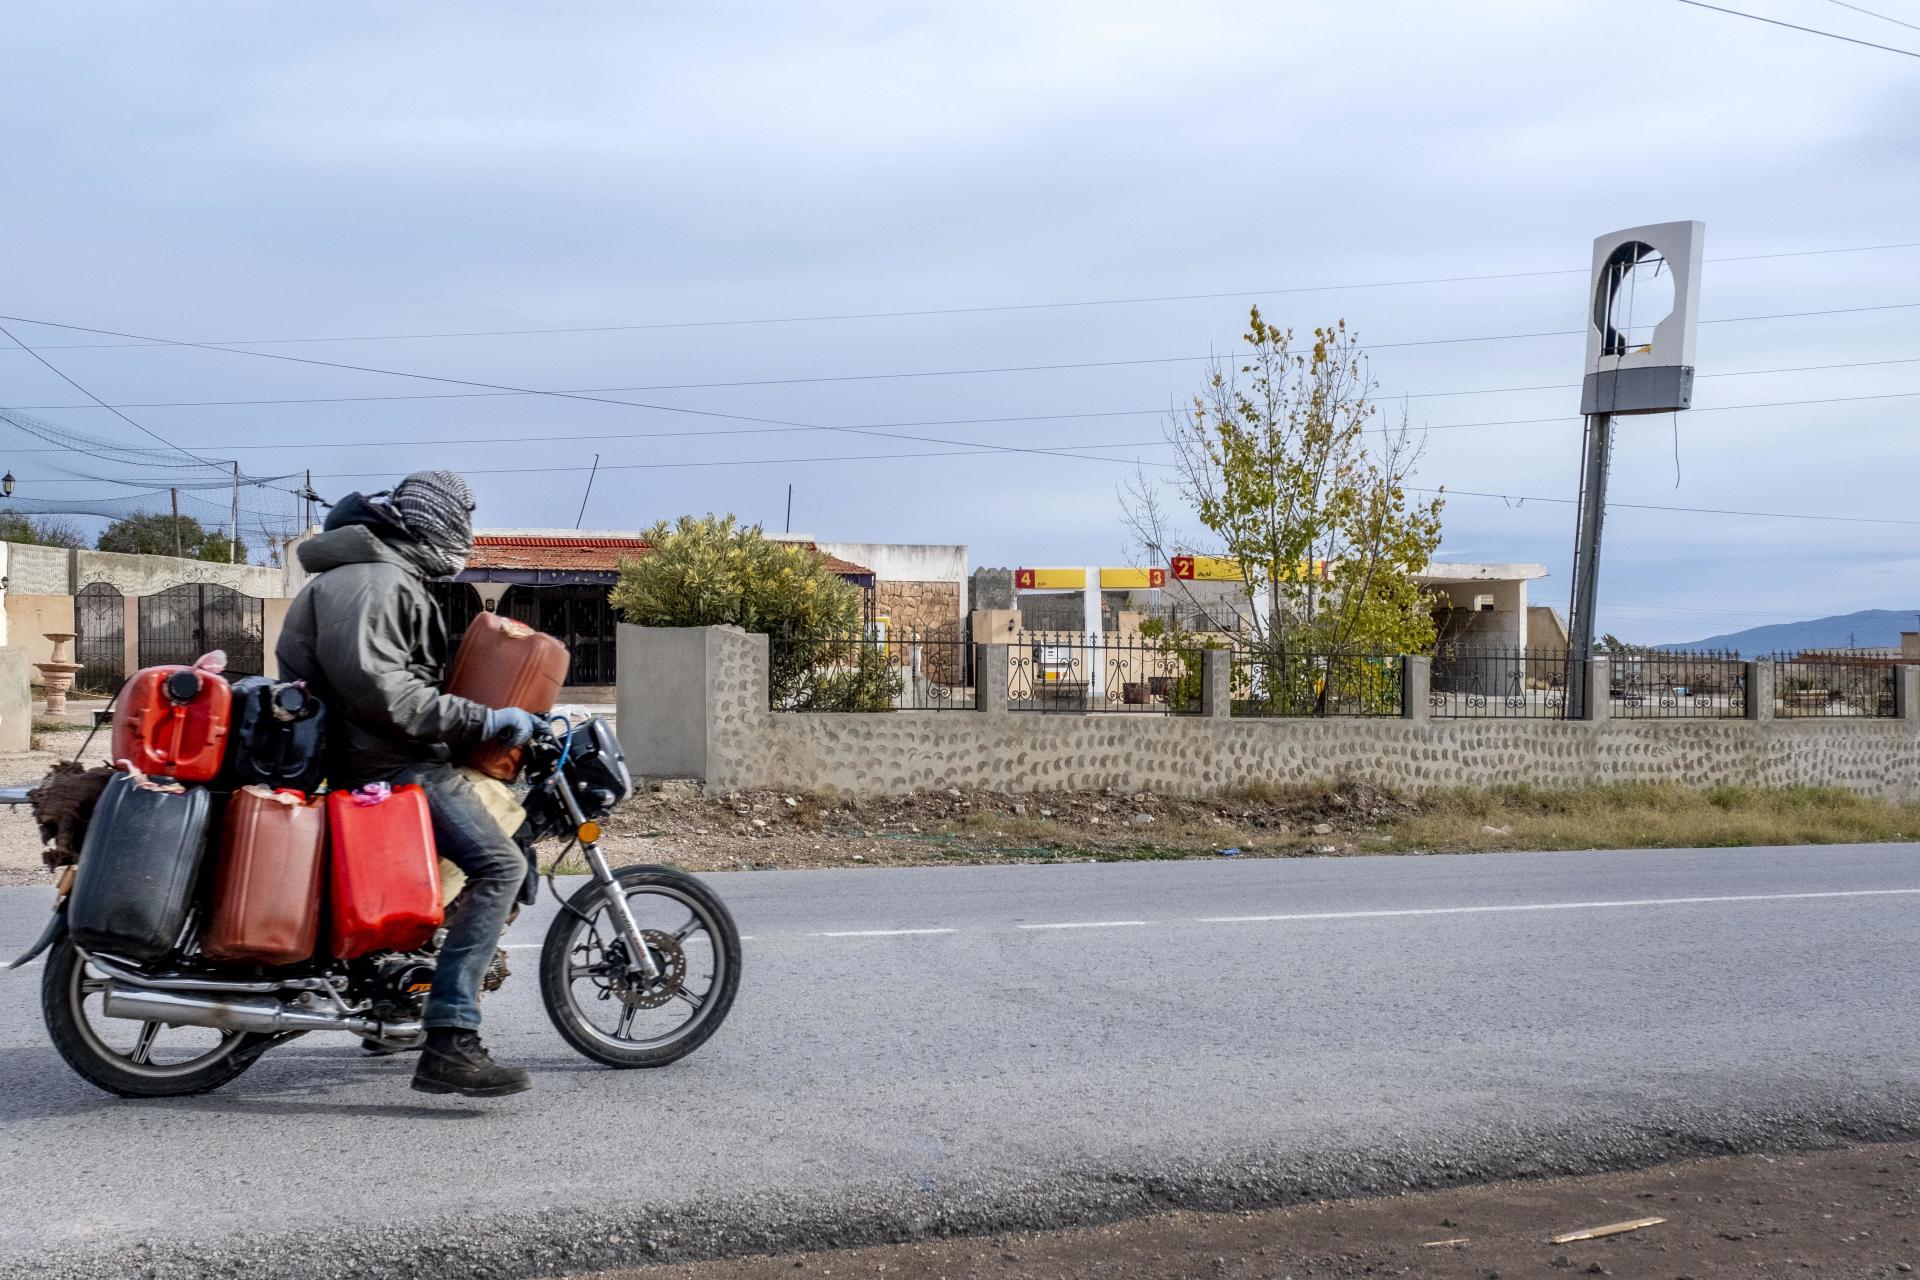 A Tajerouine, sur la route de Haïdra, un revendeur d'essence est allé se ravitailler chez son grossiste et passe devant une ancienne station-service Shell fermée à cause de la concurrence déloyale de l'essence de contrebande venant d'Algérie, le 10 décembre 2020.